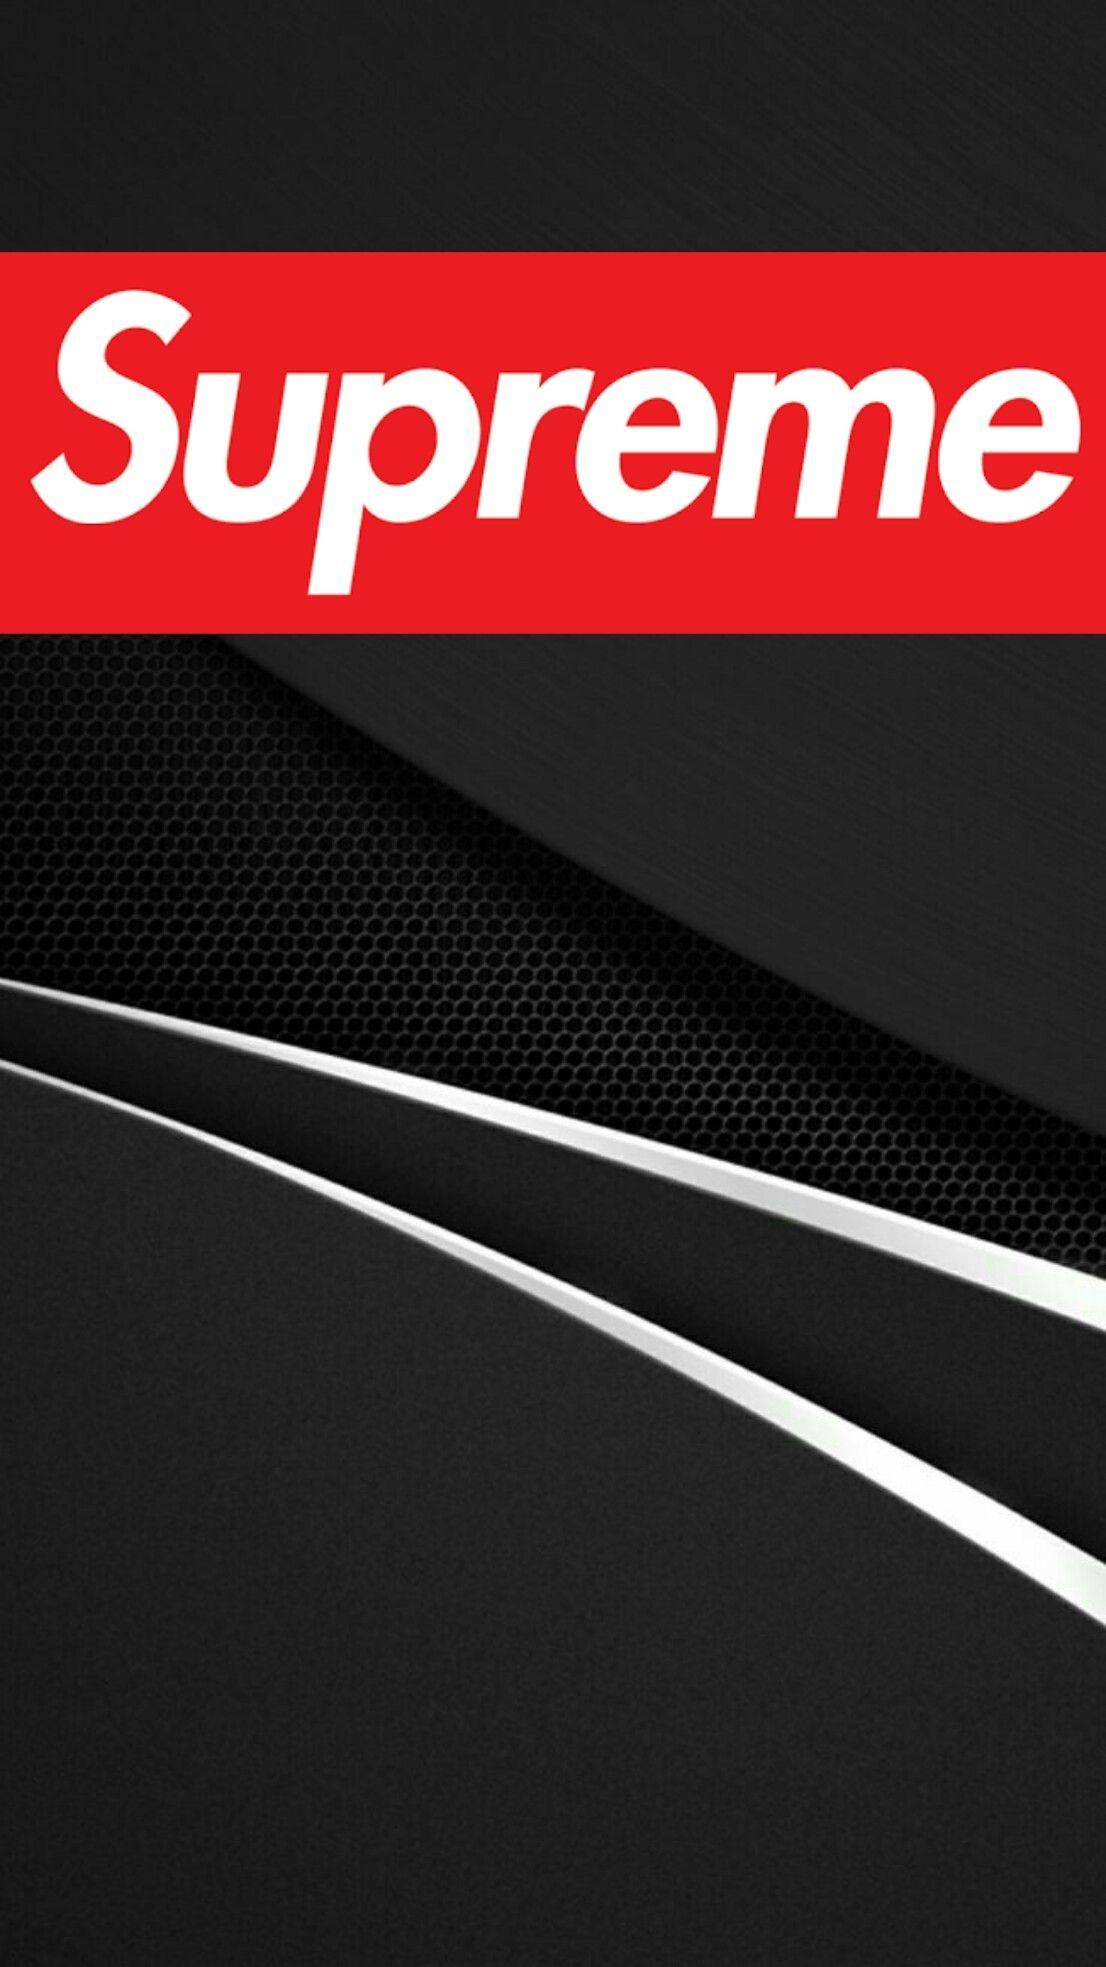 1106x1967, - Supreme - HD Wallpaper